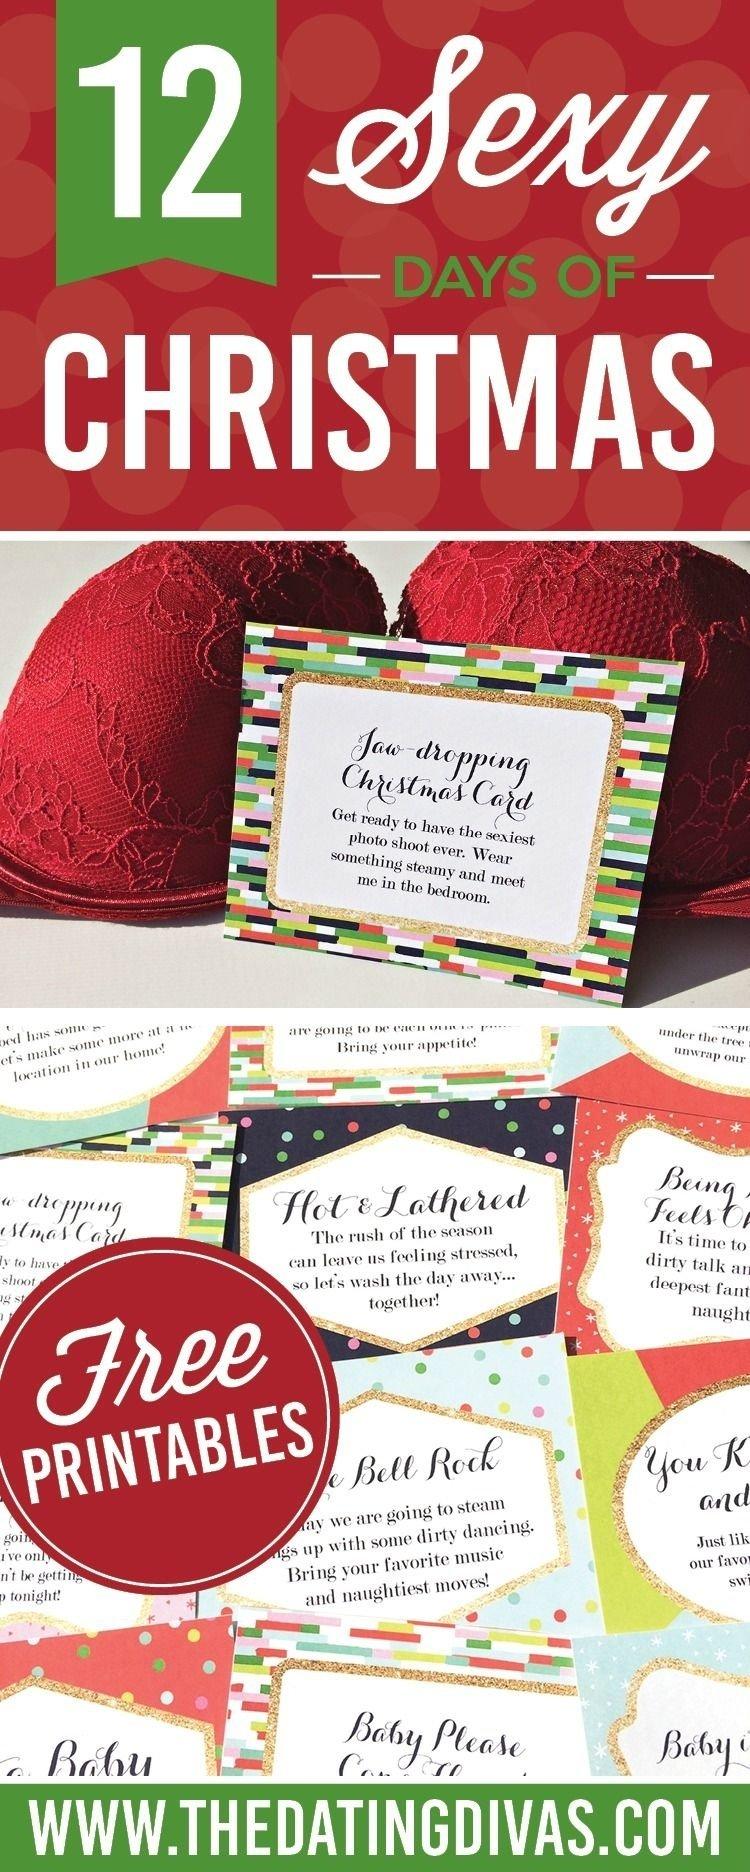 10 Stylish 12 Days Of Christmas Ideas For Boyfriend 12 sexy days of christmas coupons perfect christmas gifts 2